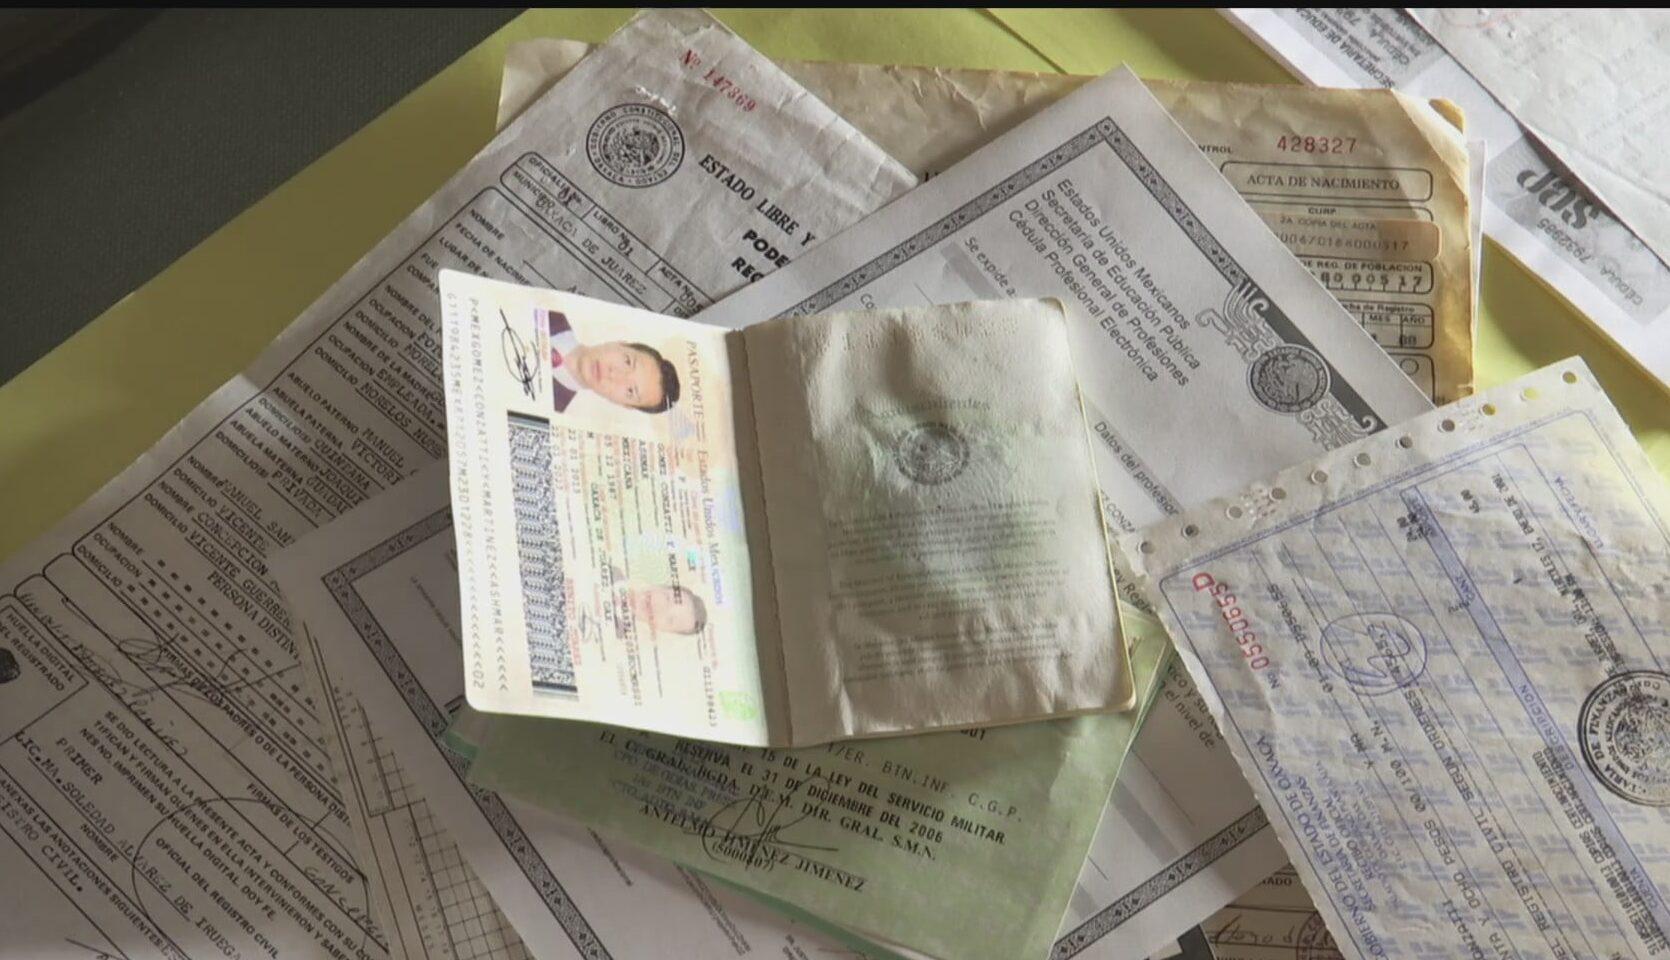 denuncian a registro civil de oaxaca por eliminacion de archivos y cambio de identidad